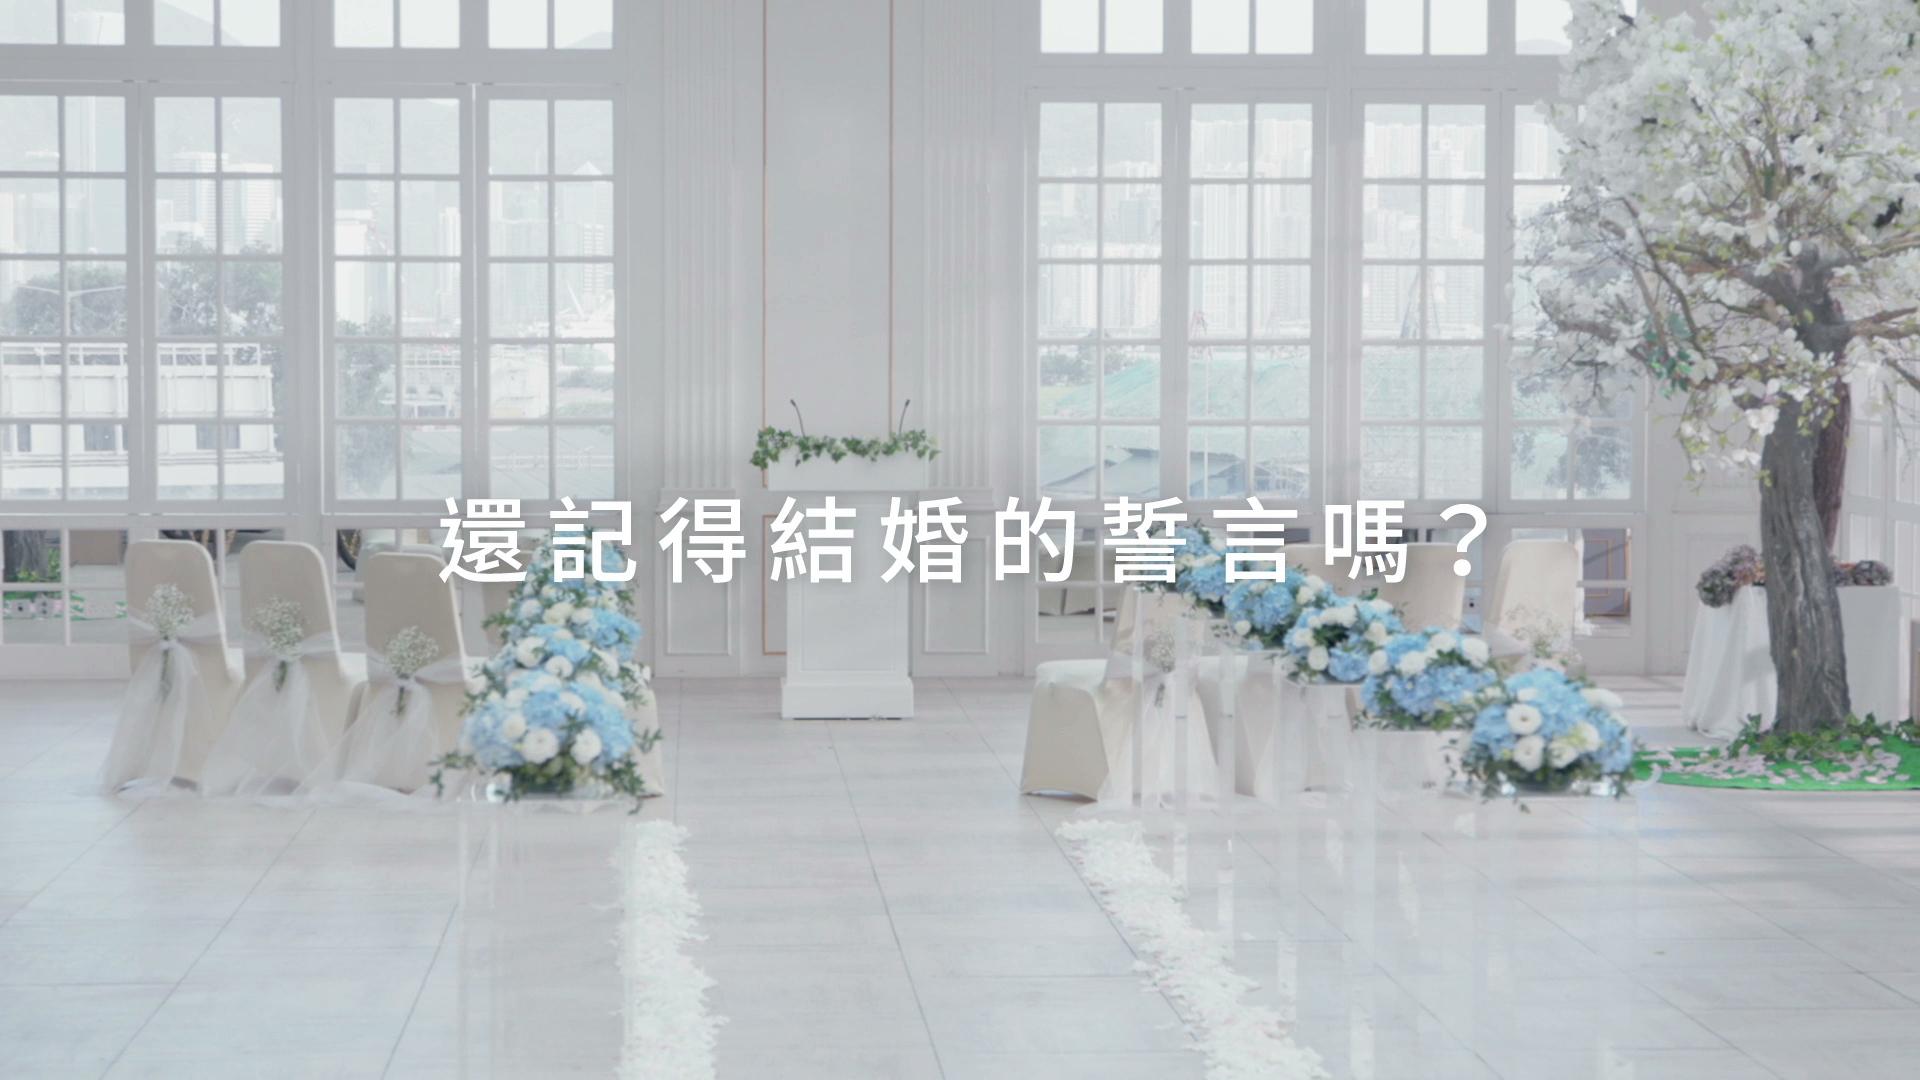 AXA 【一年約定 一生保障】online video